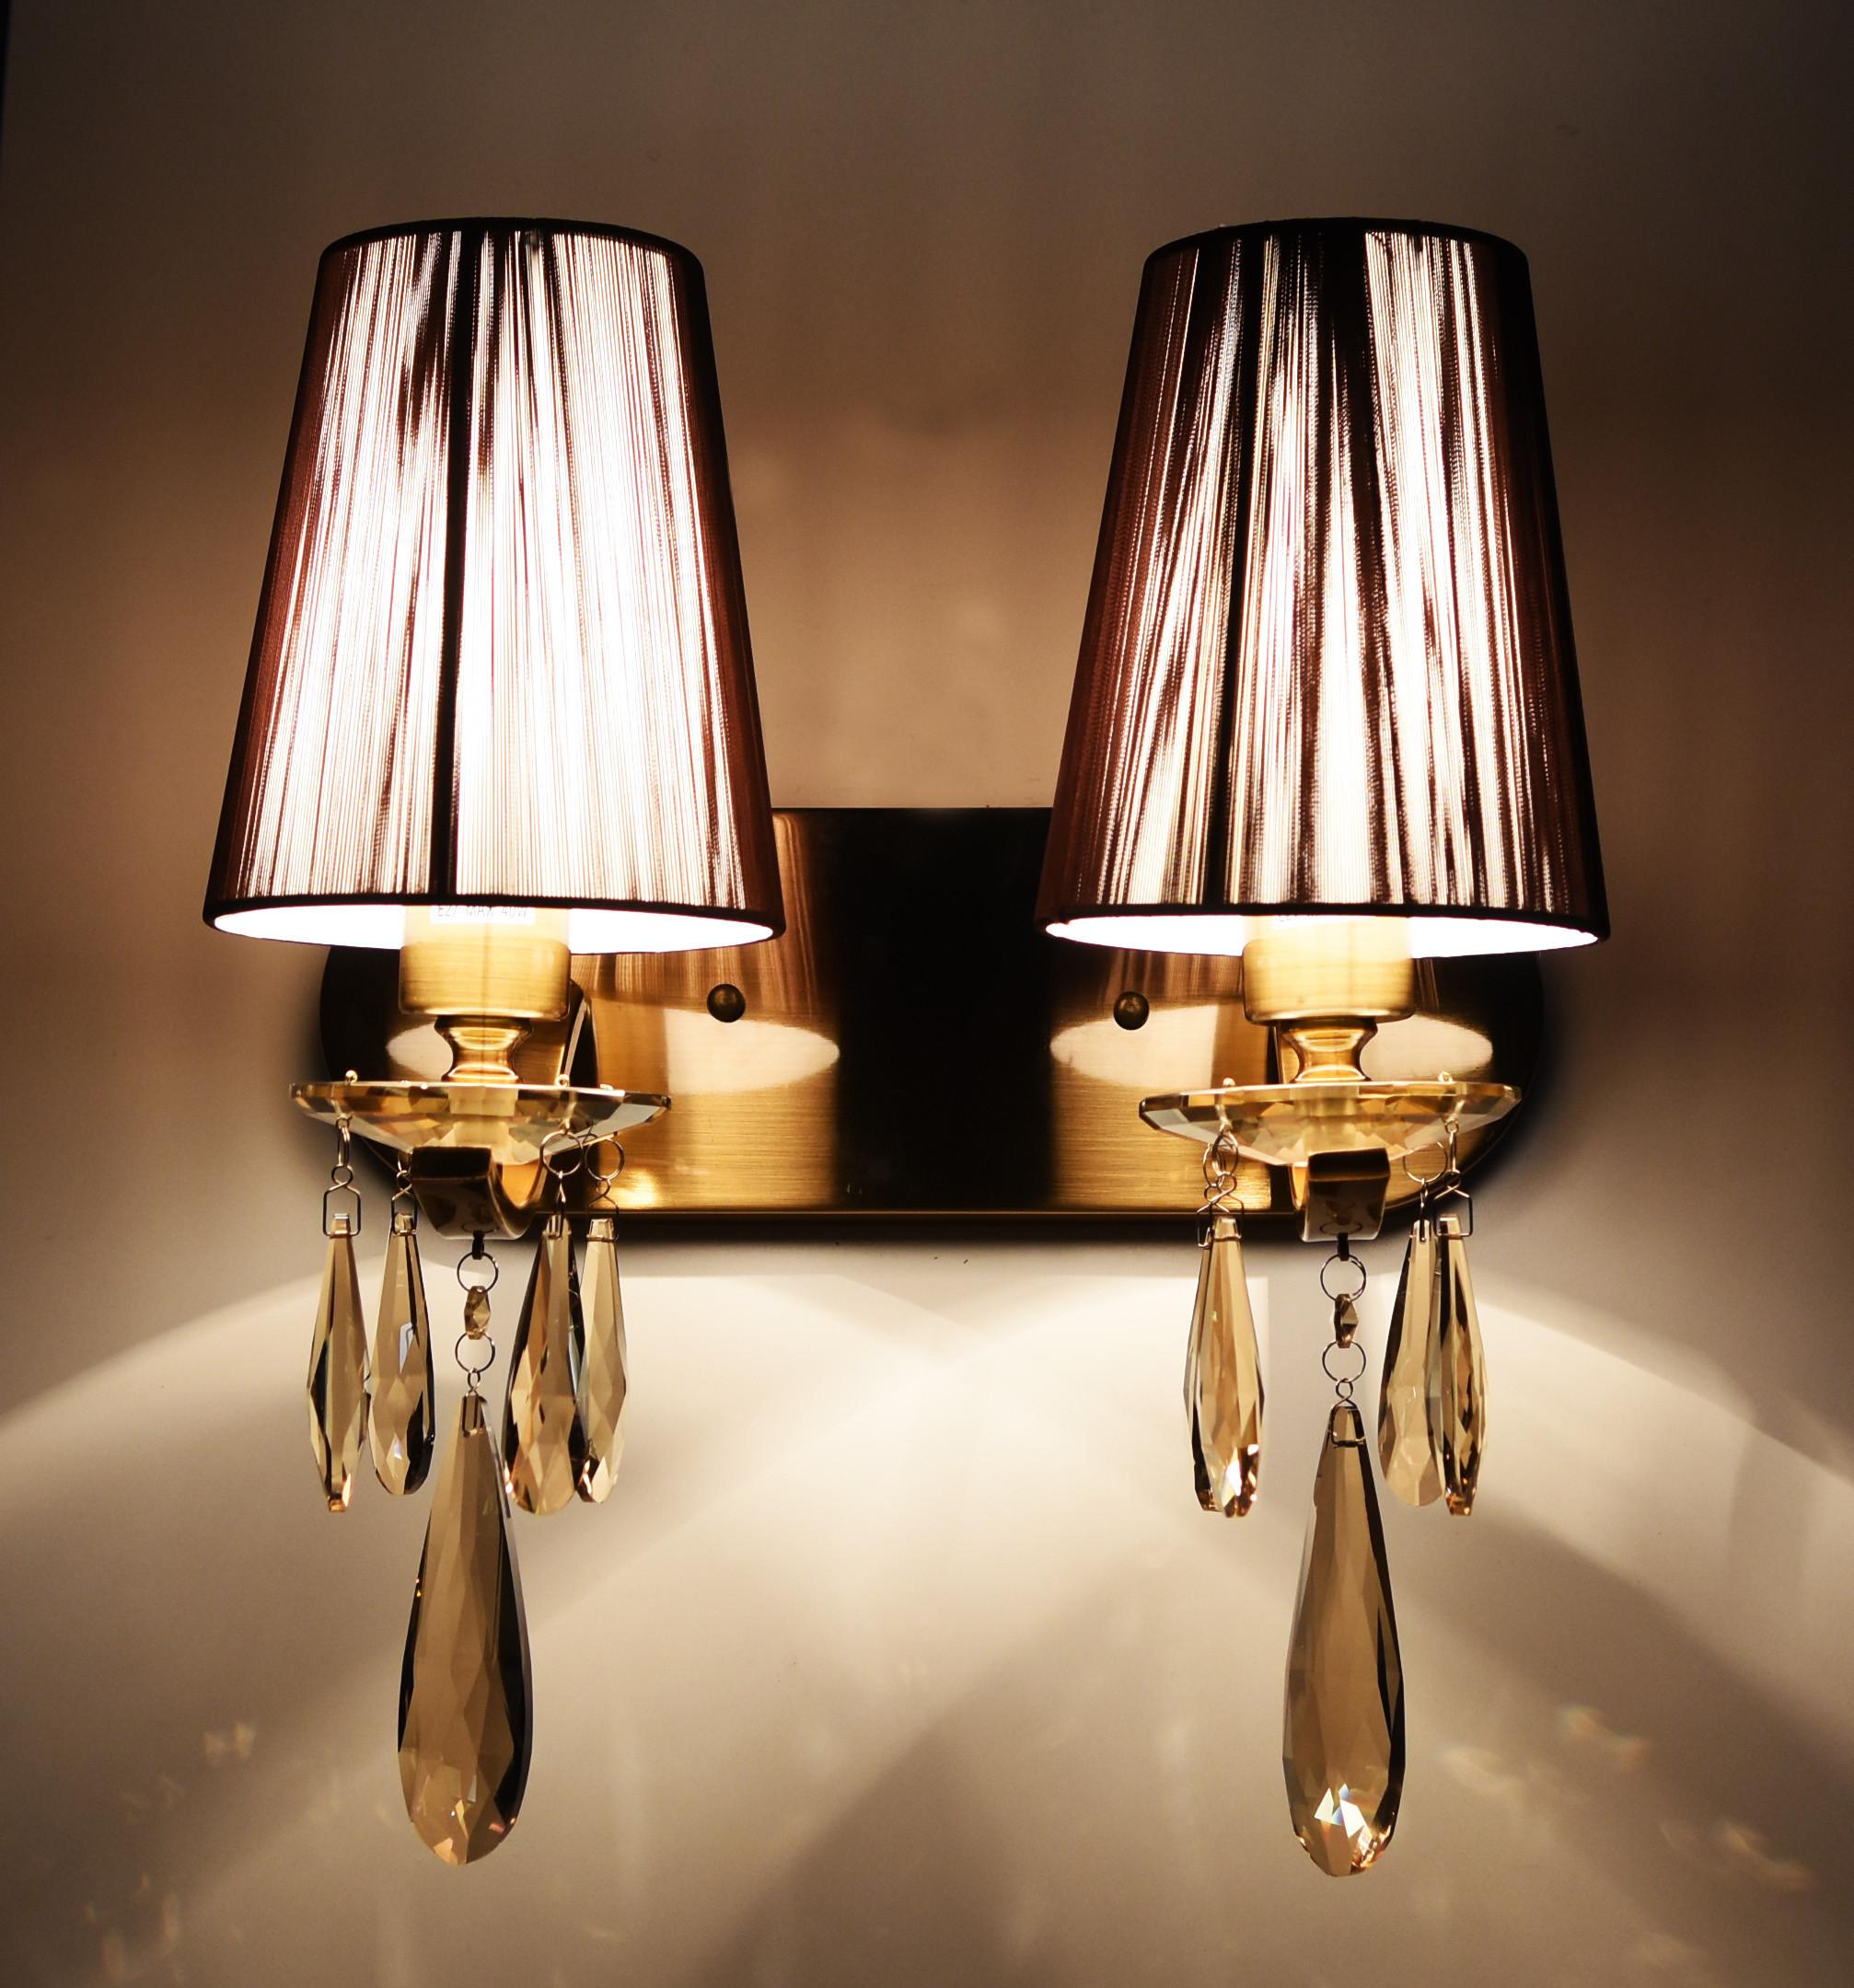 Настенный светильник Lumina Deco Alessia LDW 1726-2W MD, 2xE27x40W, бронза, коричневый, янтарь, металл со стеклом, текстиль, хрусталь - фото 3